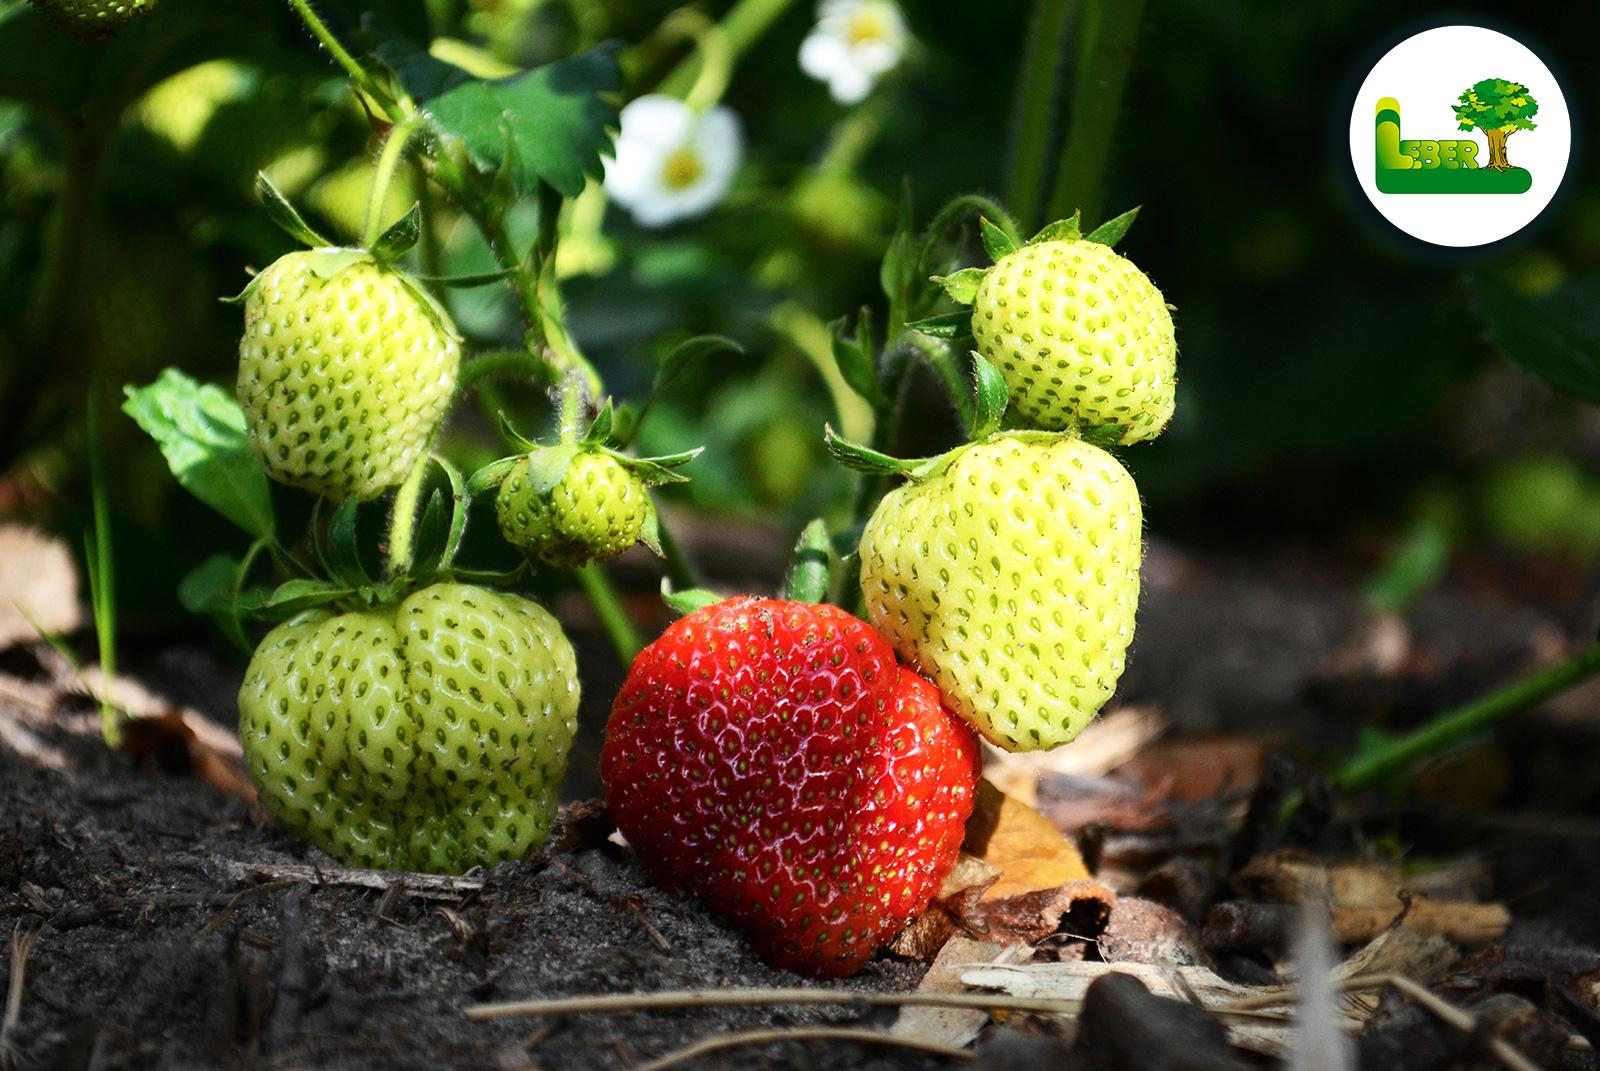 Leckere Erdbeeren - eine rote Erdbeere viele grüne. Erdbeerstrauch - Steiermark Garten Leber